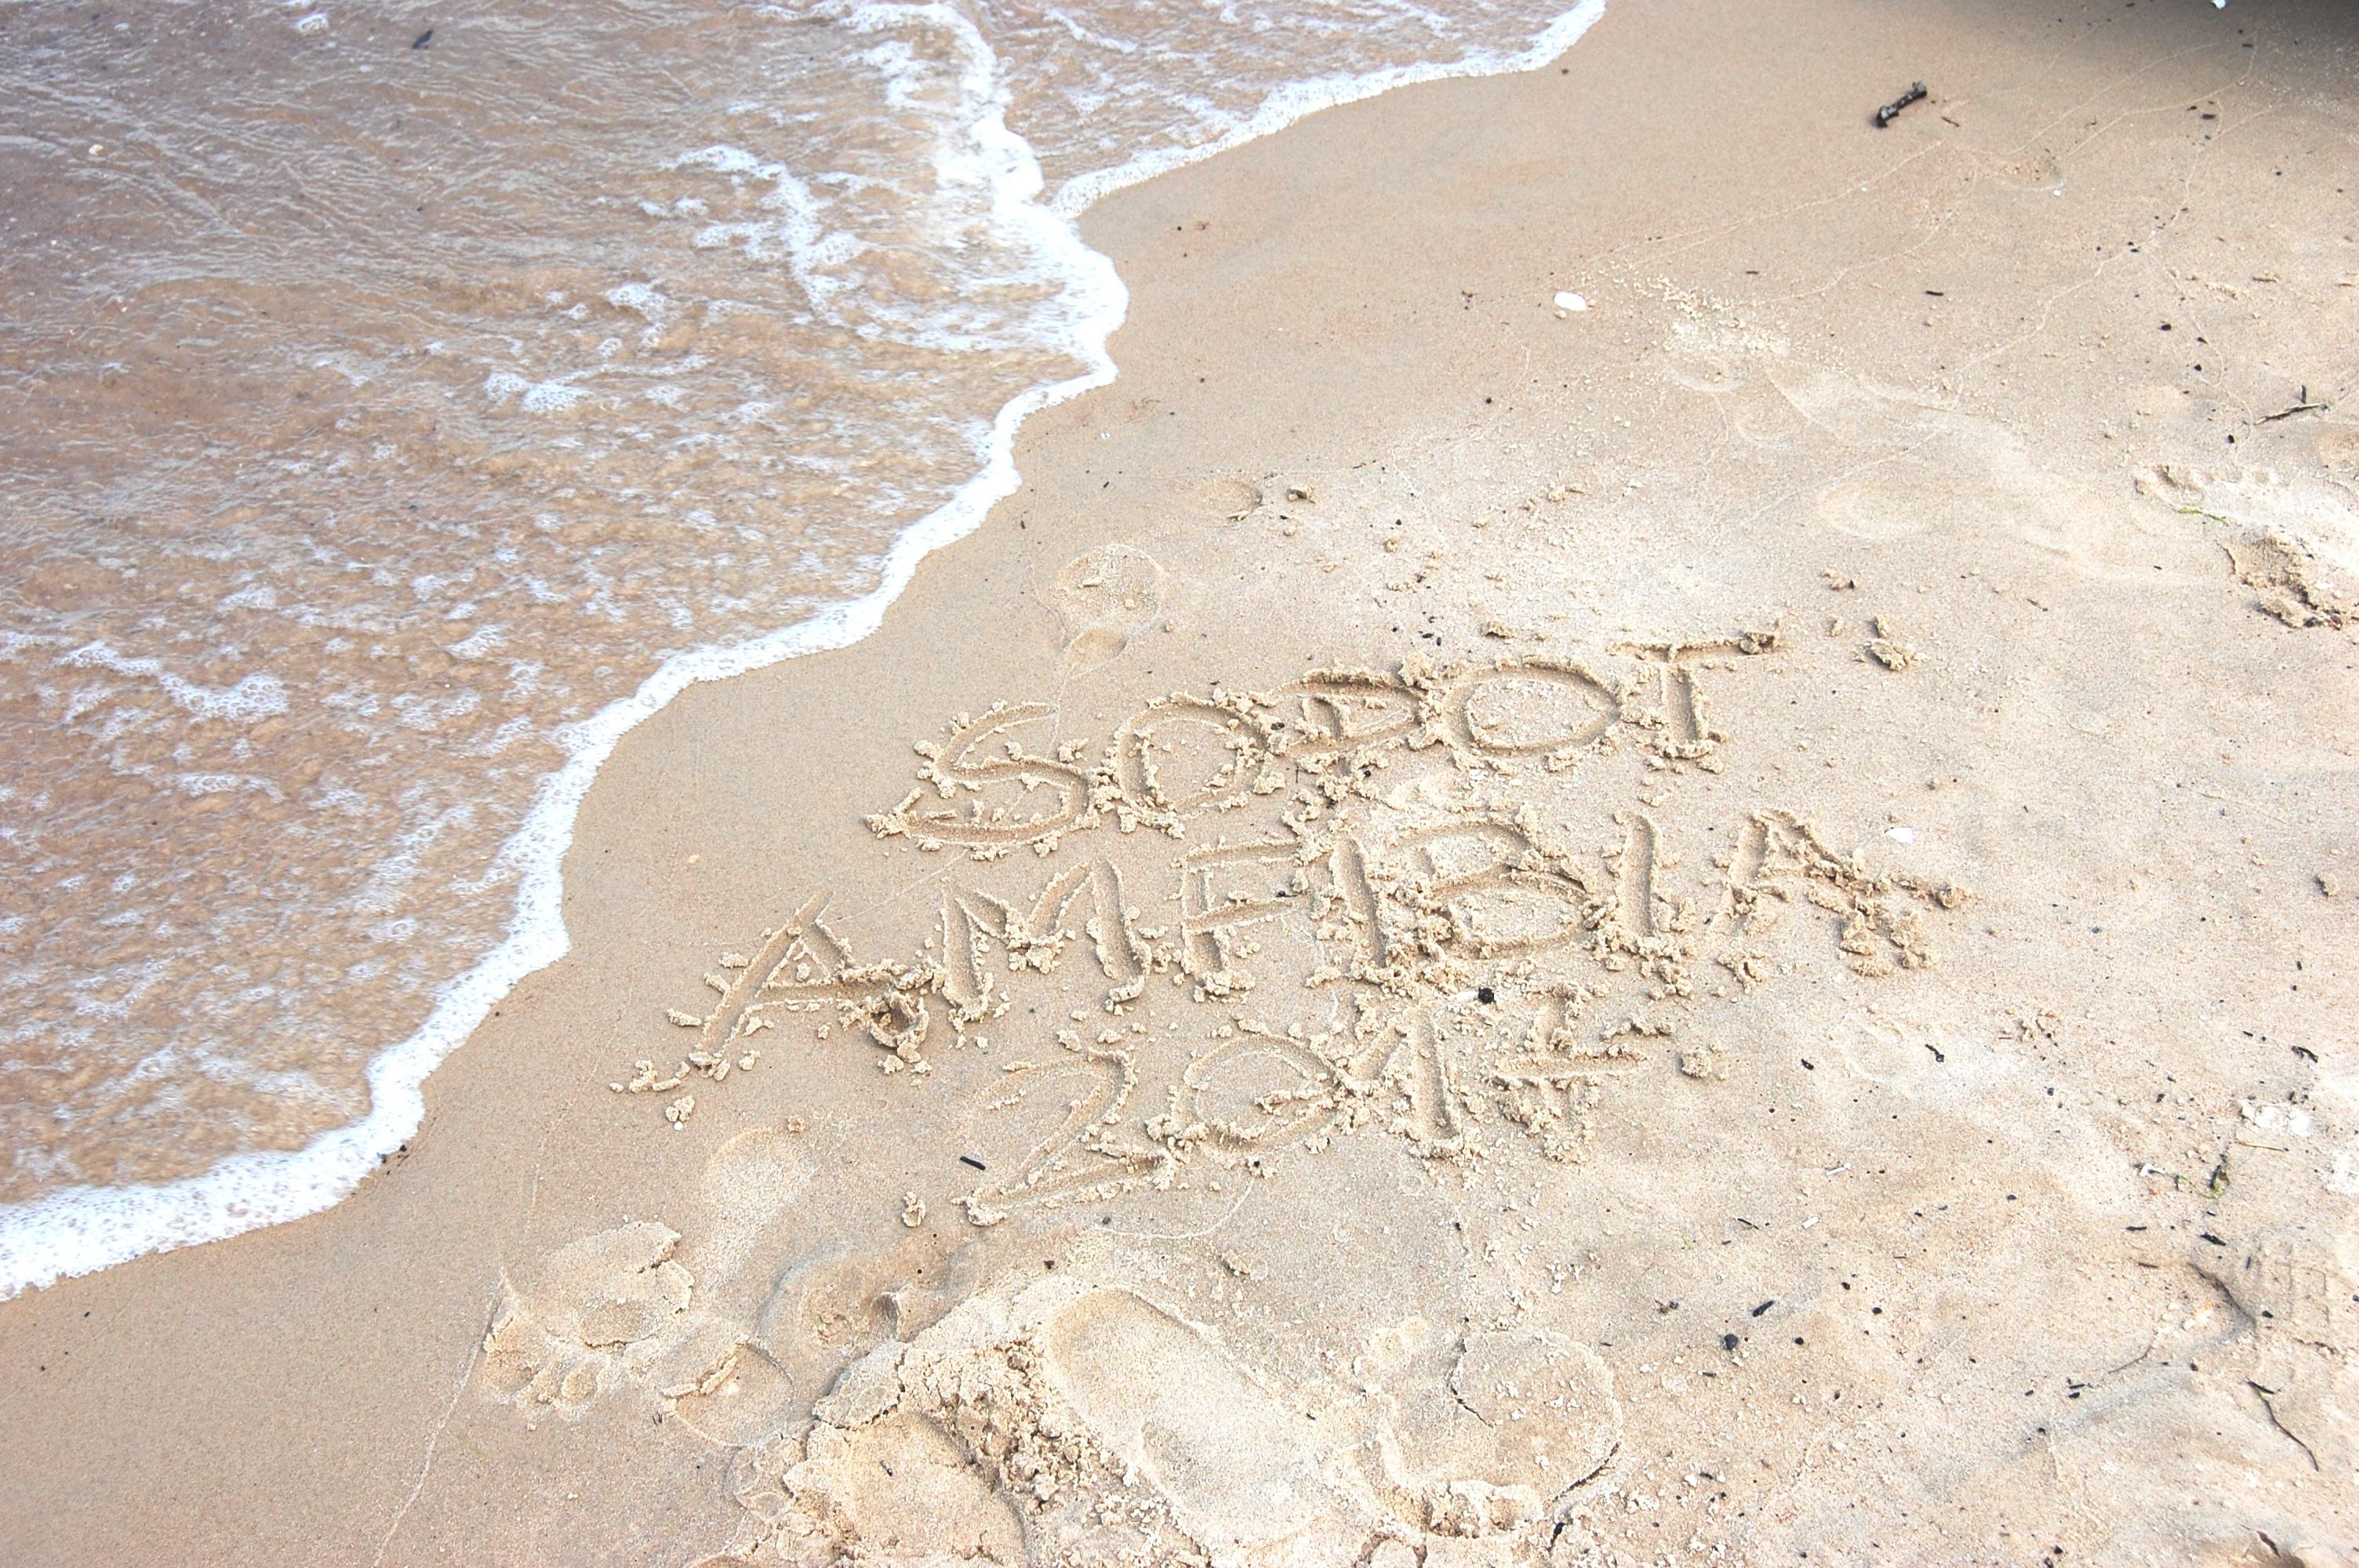 """zdjęcie brzegu, gdzie na piaski jest napis: """"Sopot. Amfibia 2017"""""""